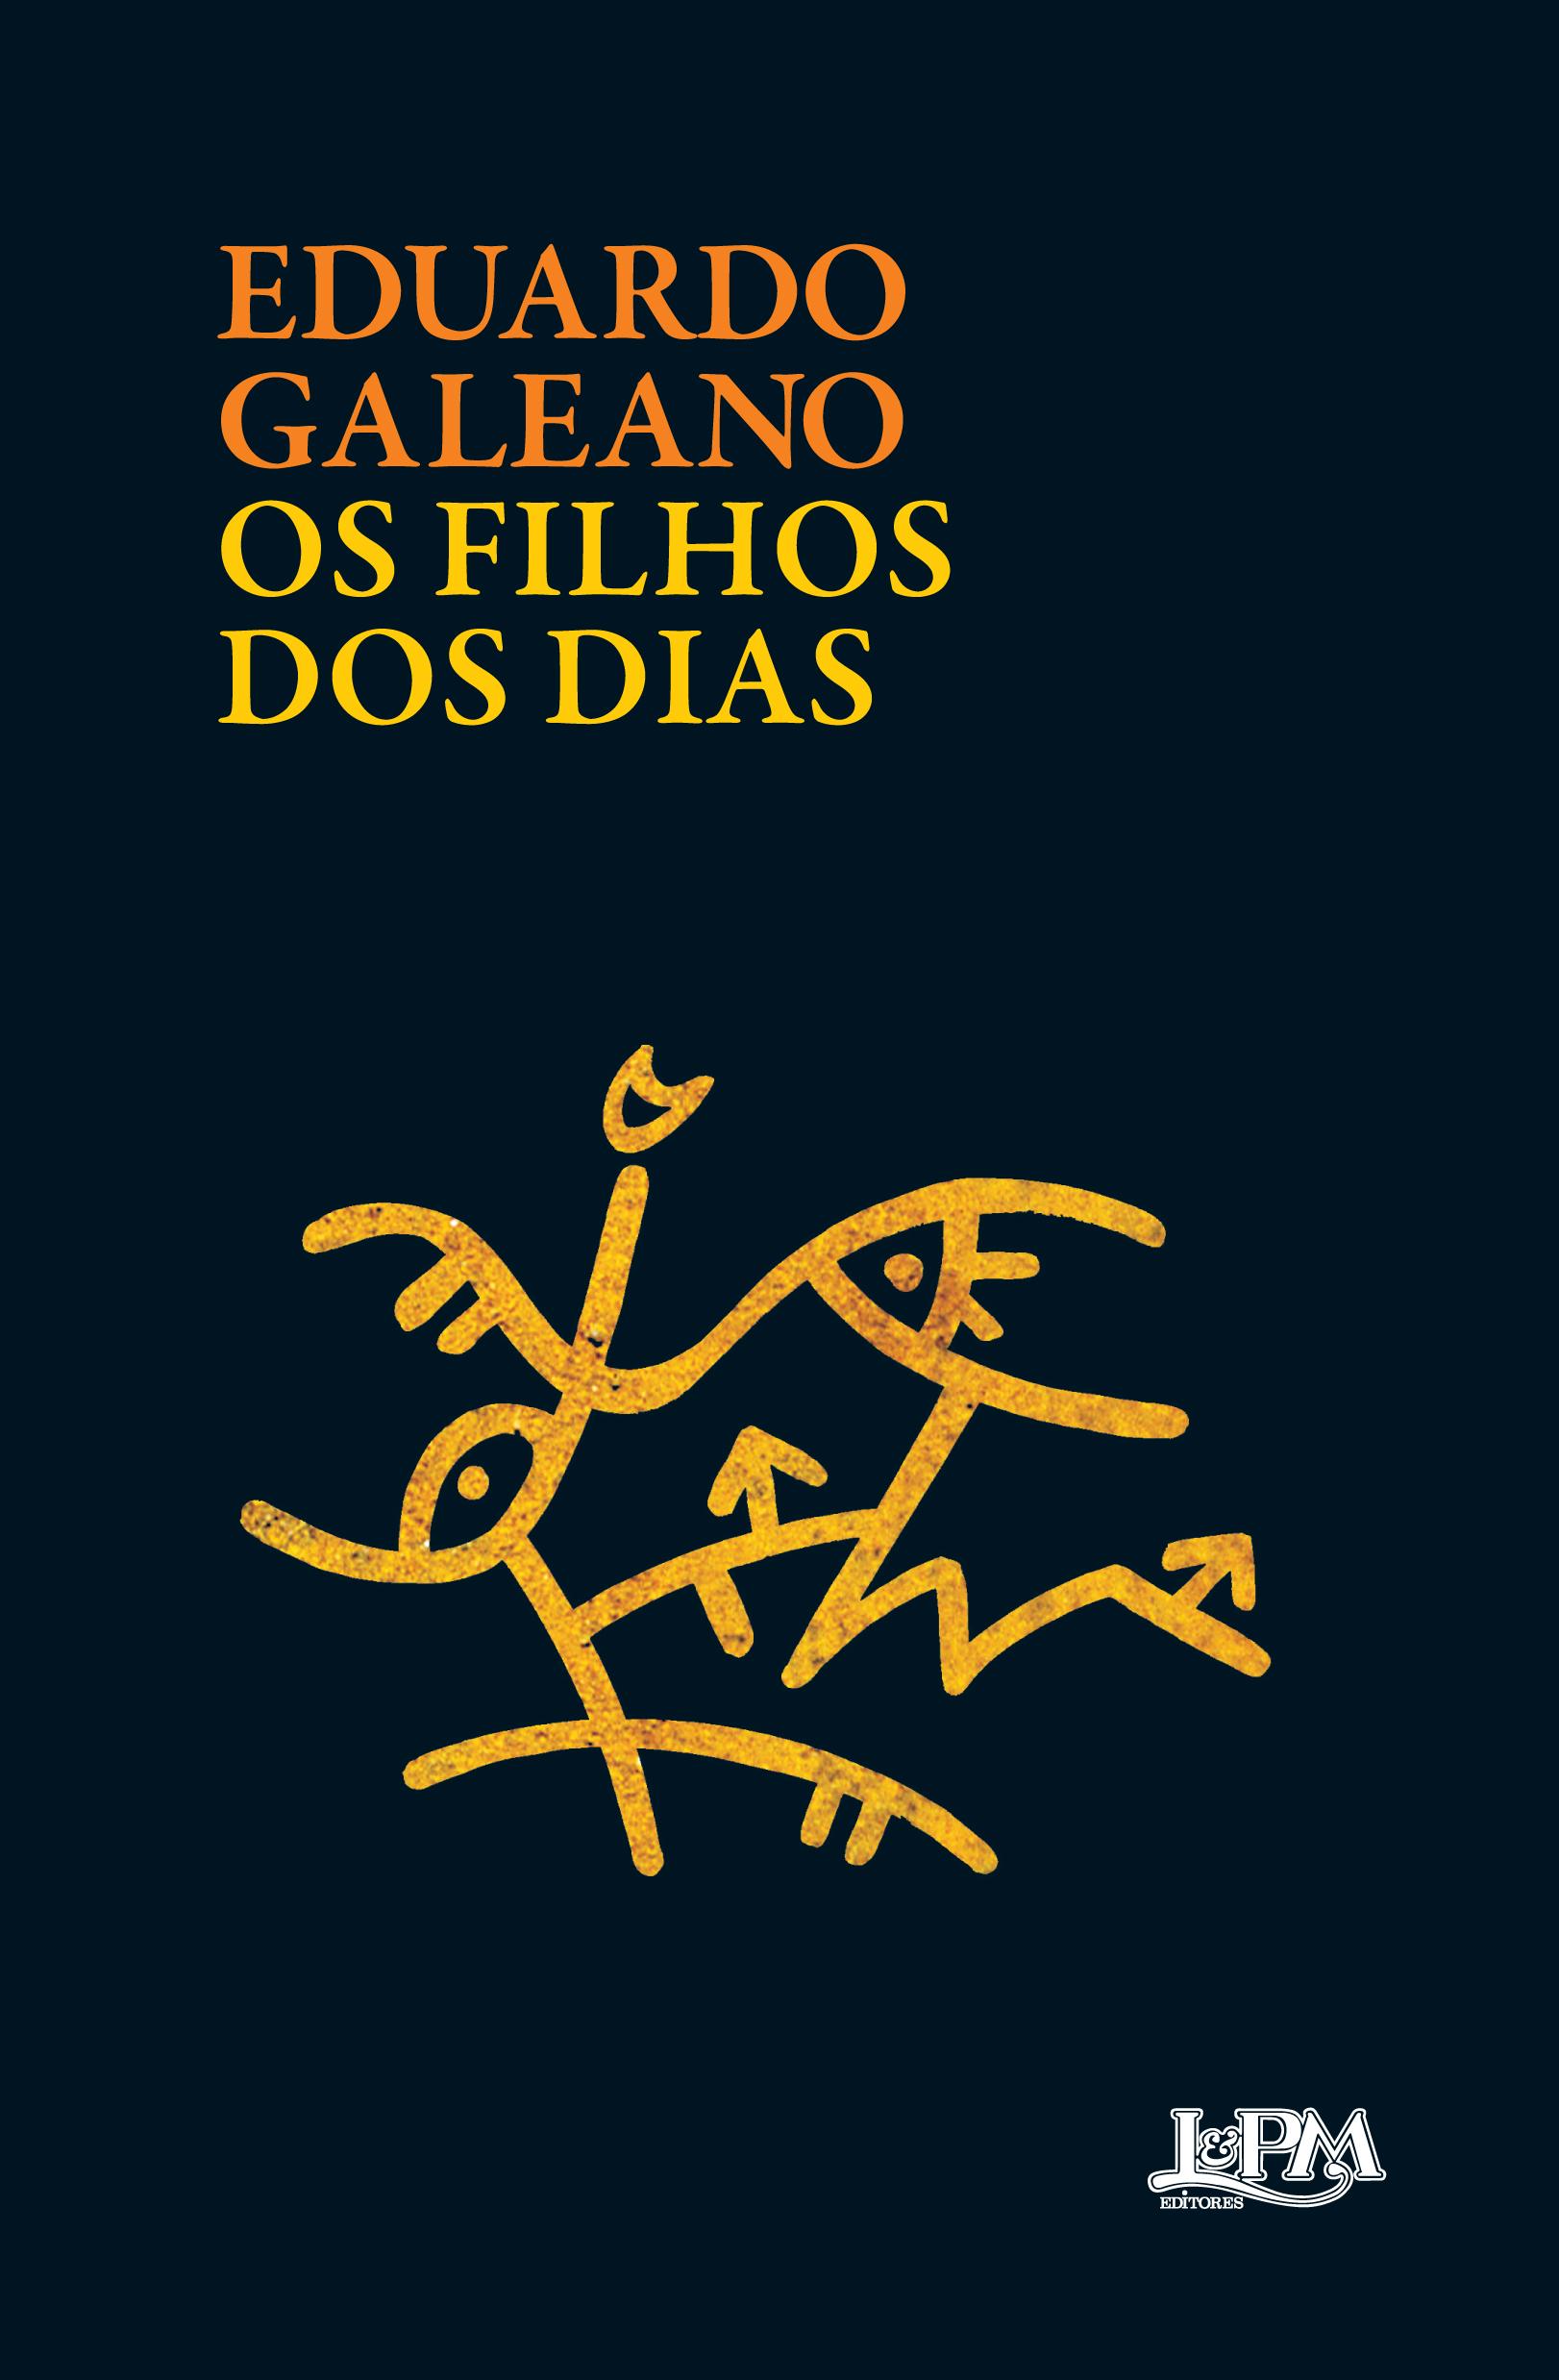 Os Filhos dos Dias, de Eduardo Galeano